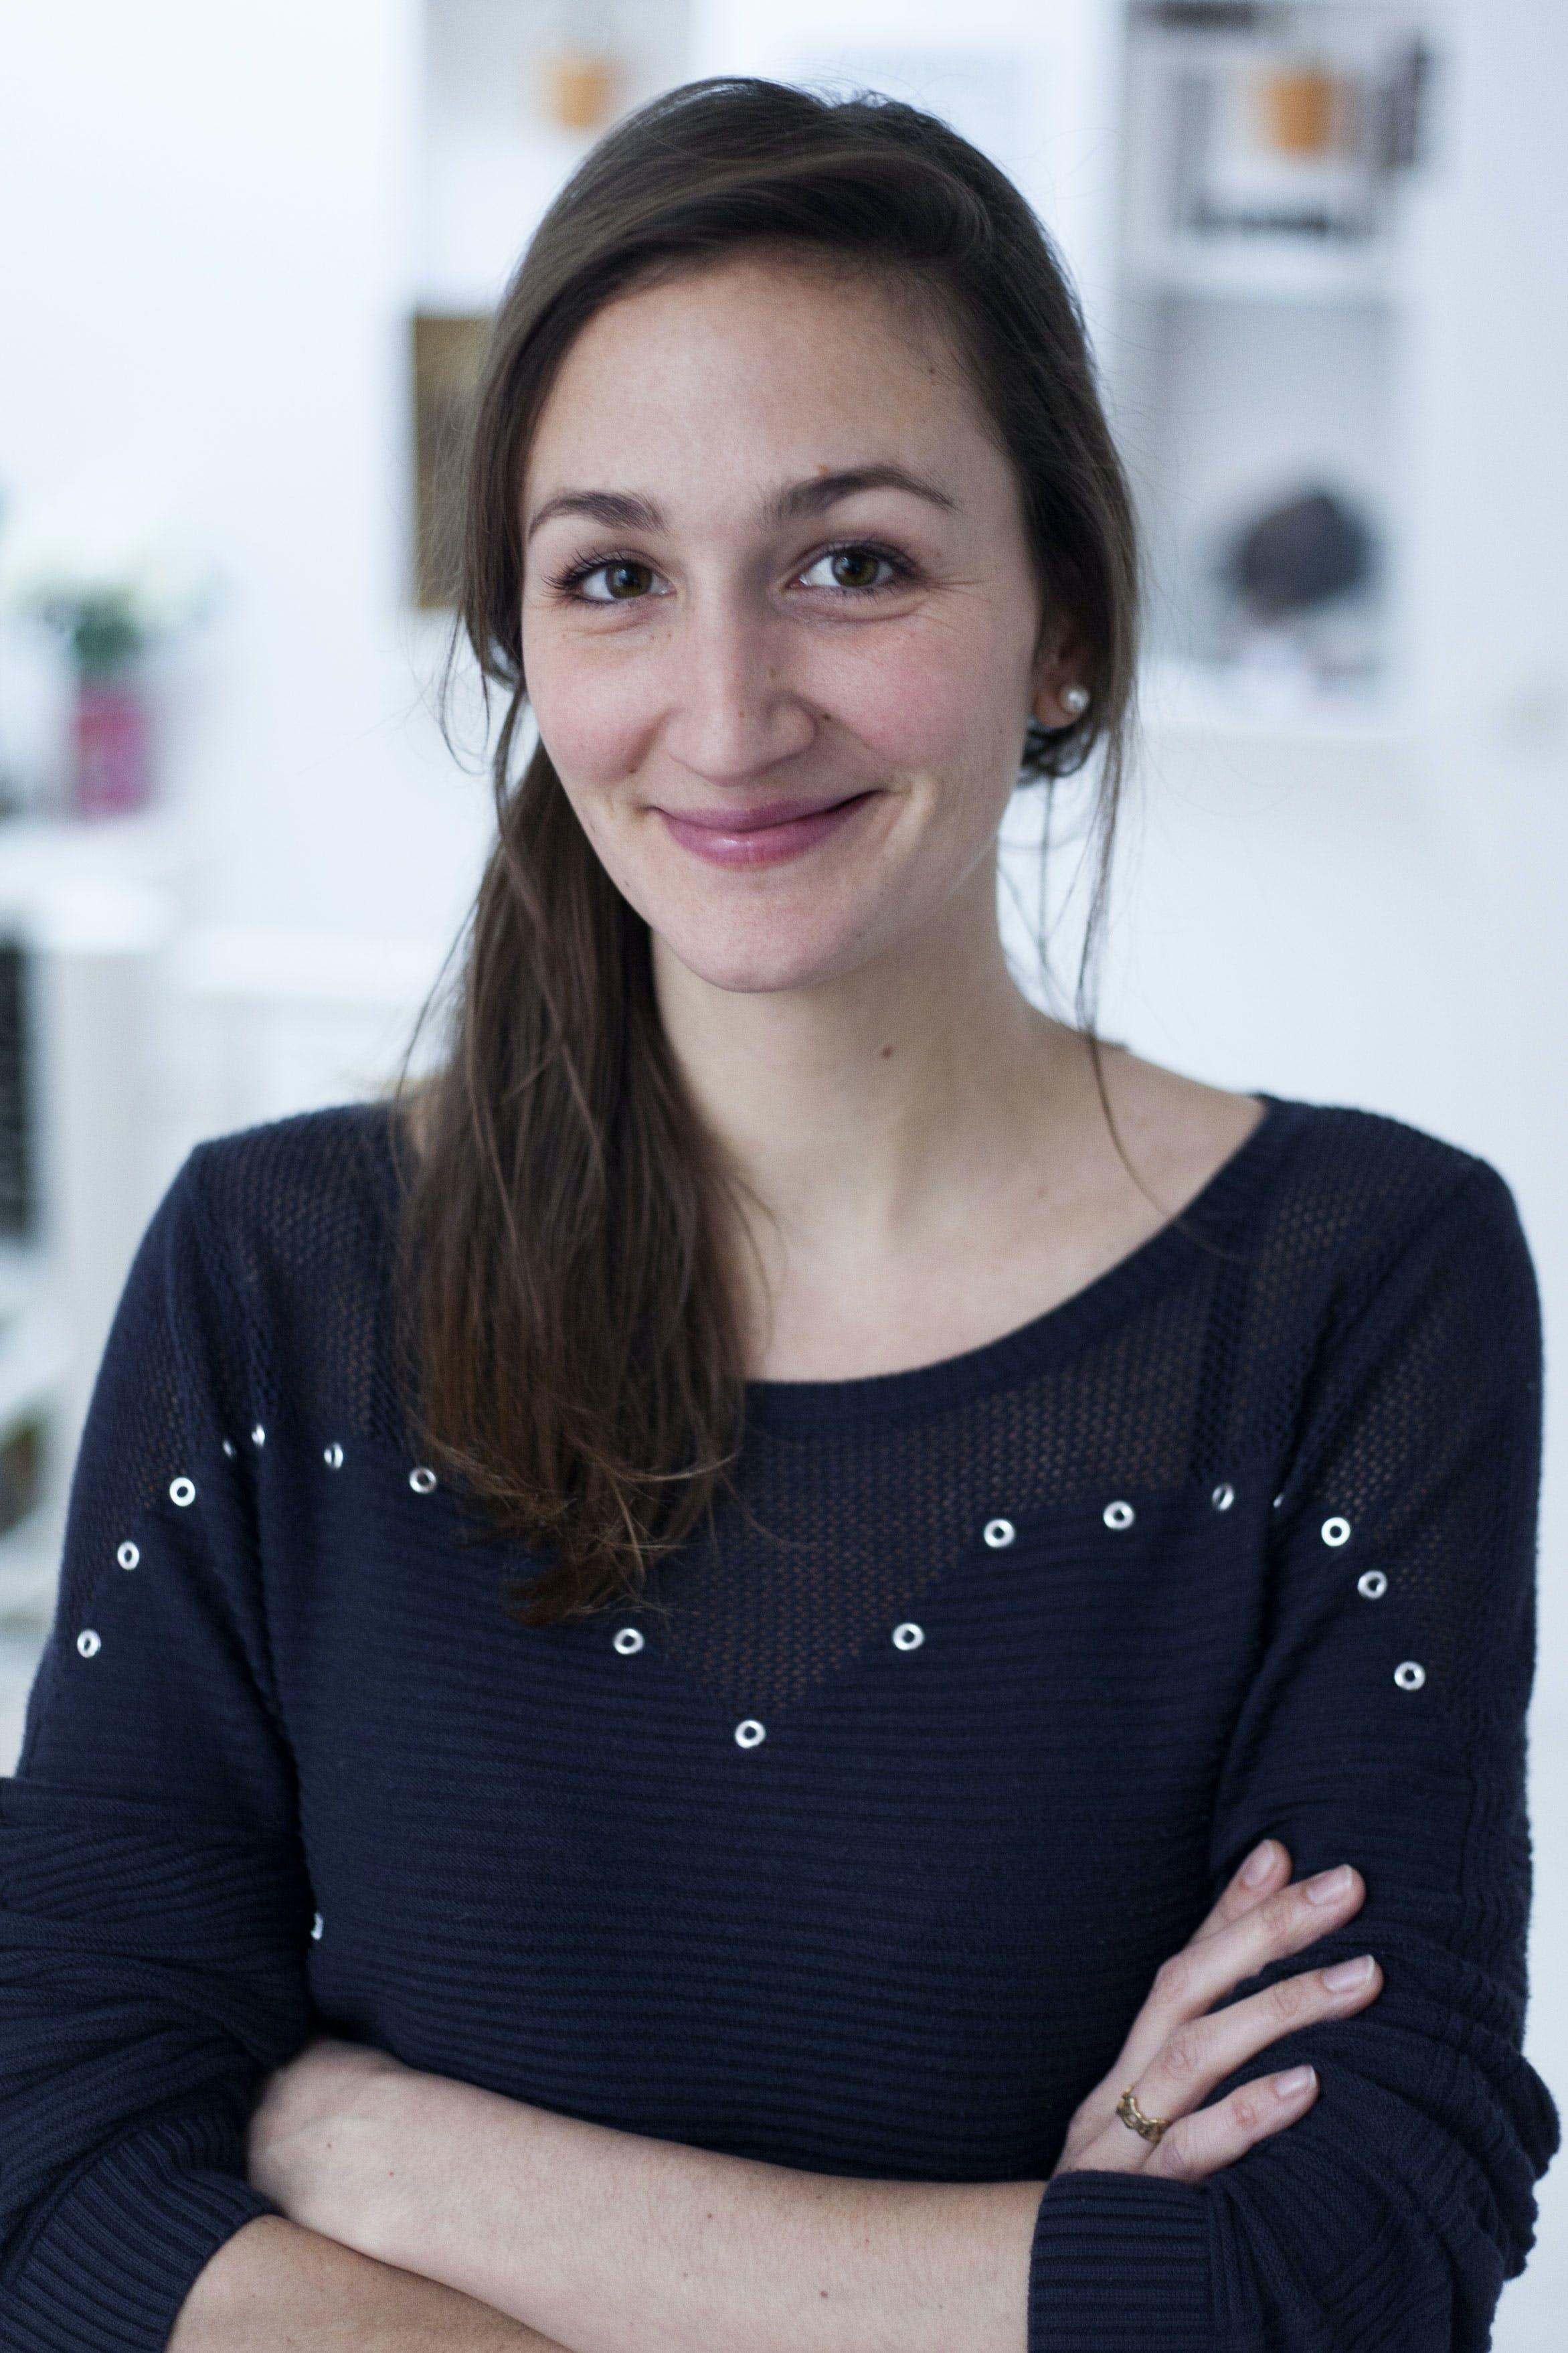 Lissa Trocmé